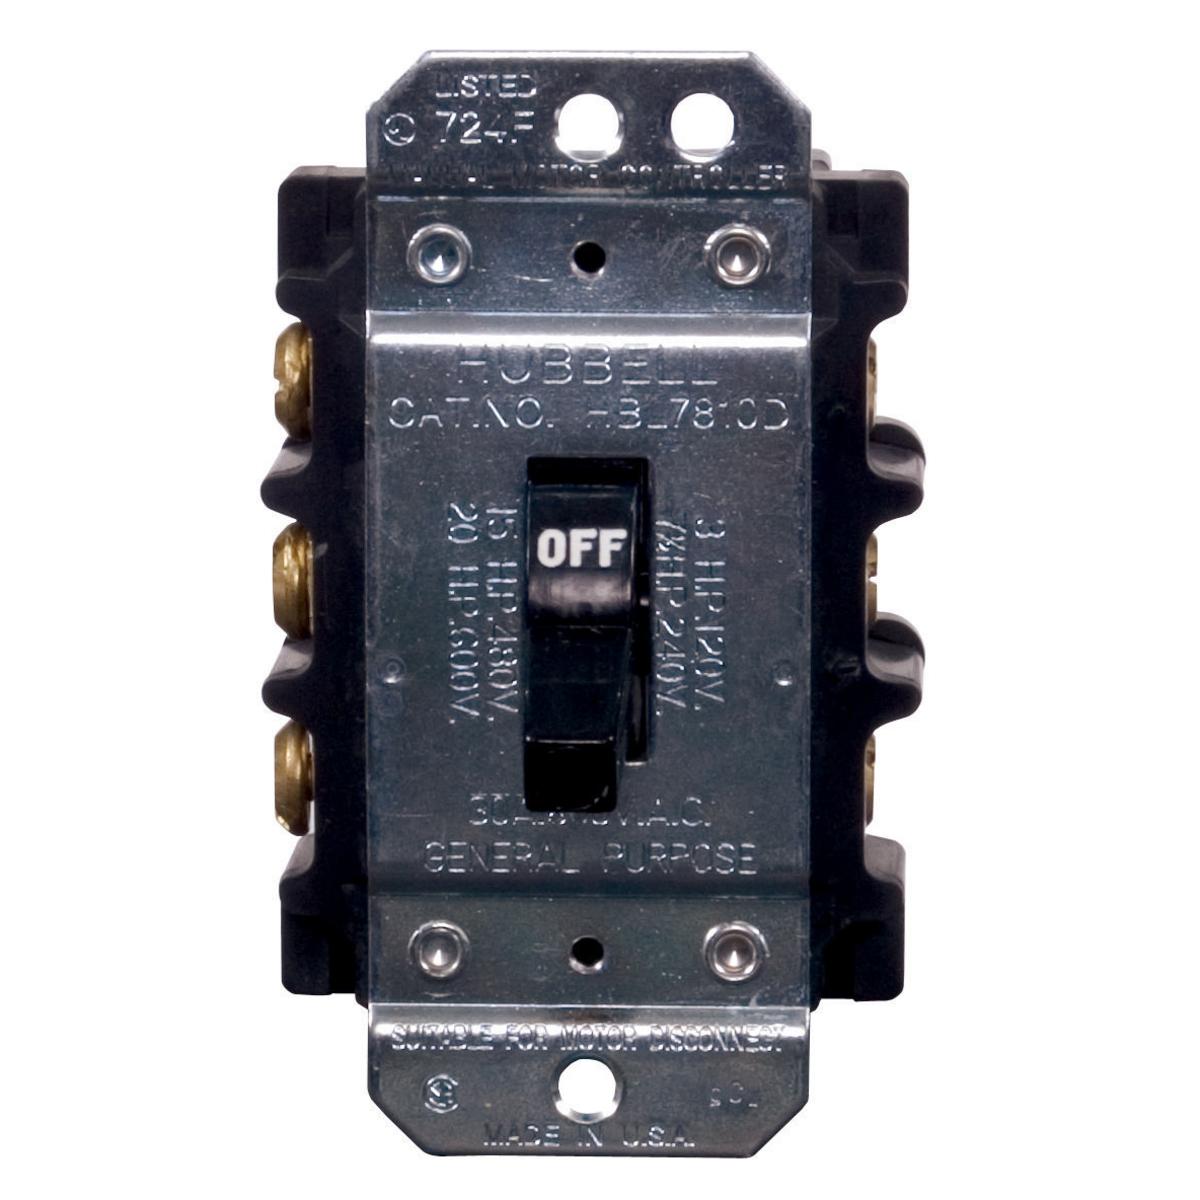 Hbl7810d Brand Wiring Device Kellems 30a Load Center Diagram Wbp Prodimage Front 1 Alt